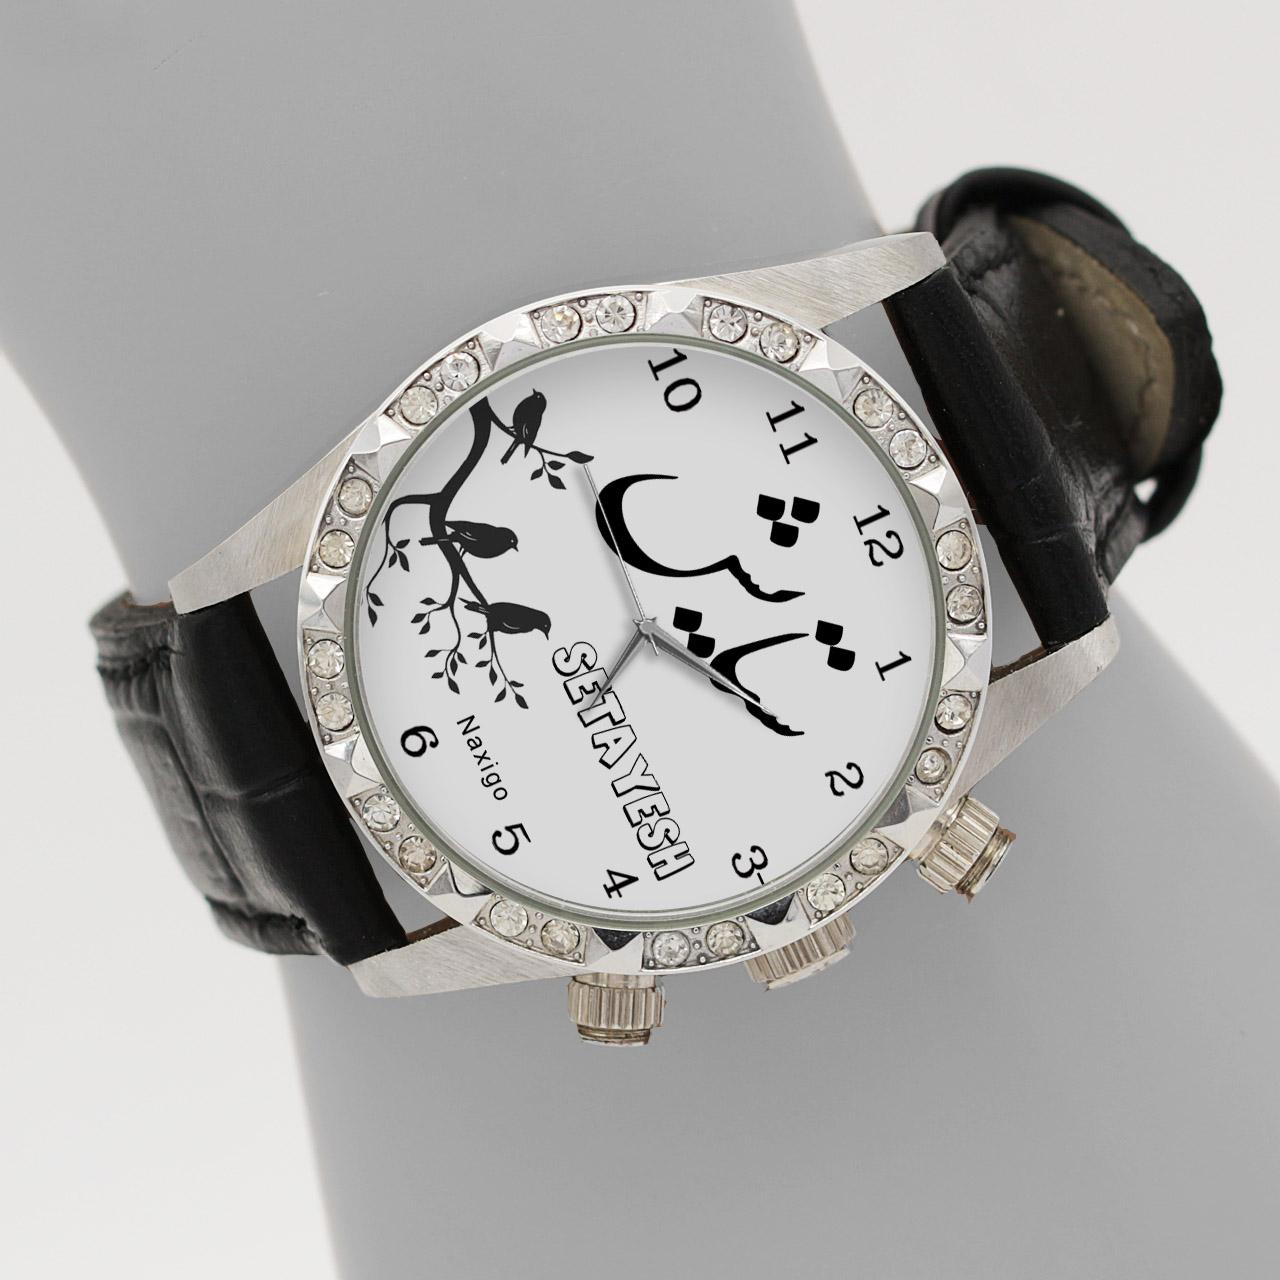 خرید و قیمت                      ساعت مچی  زنانه ناکسیگو طرح ستایش کد LS3776